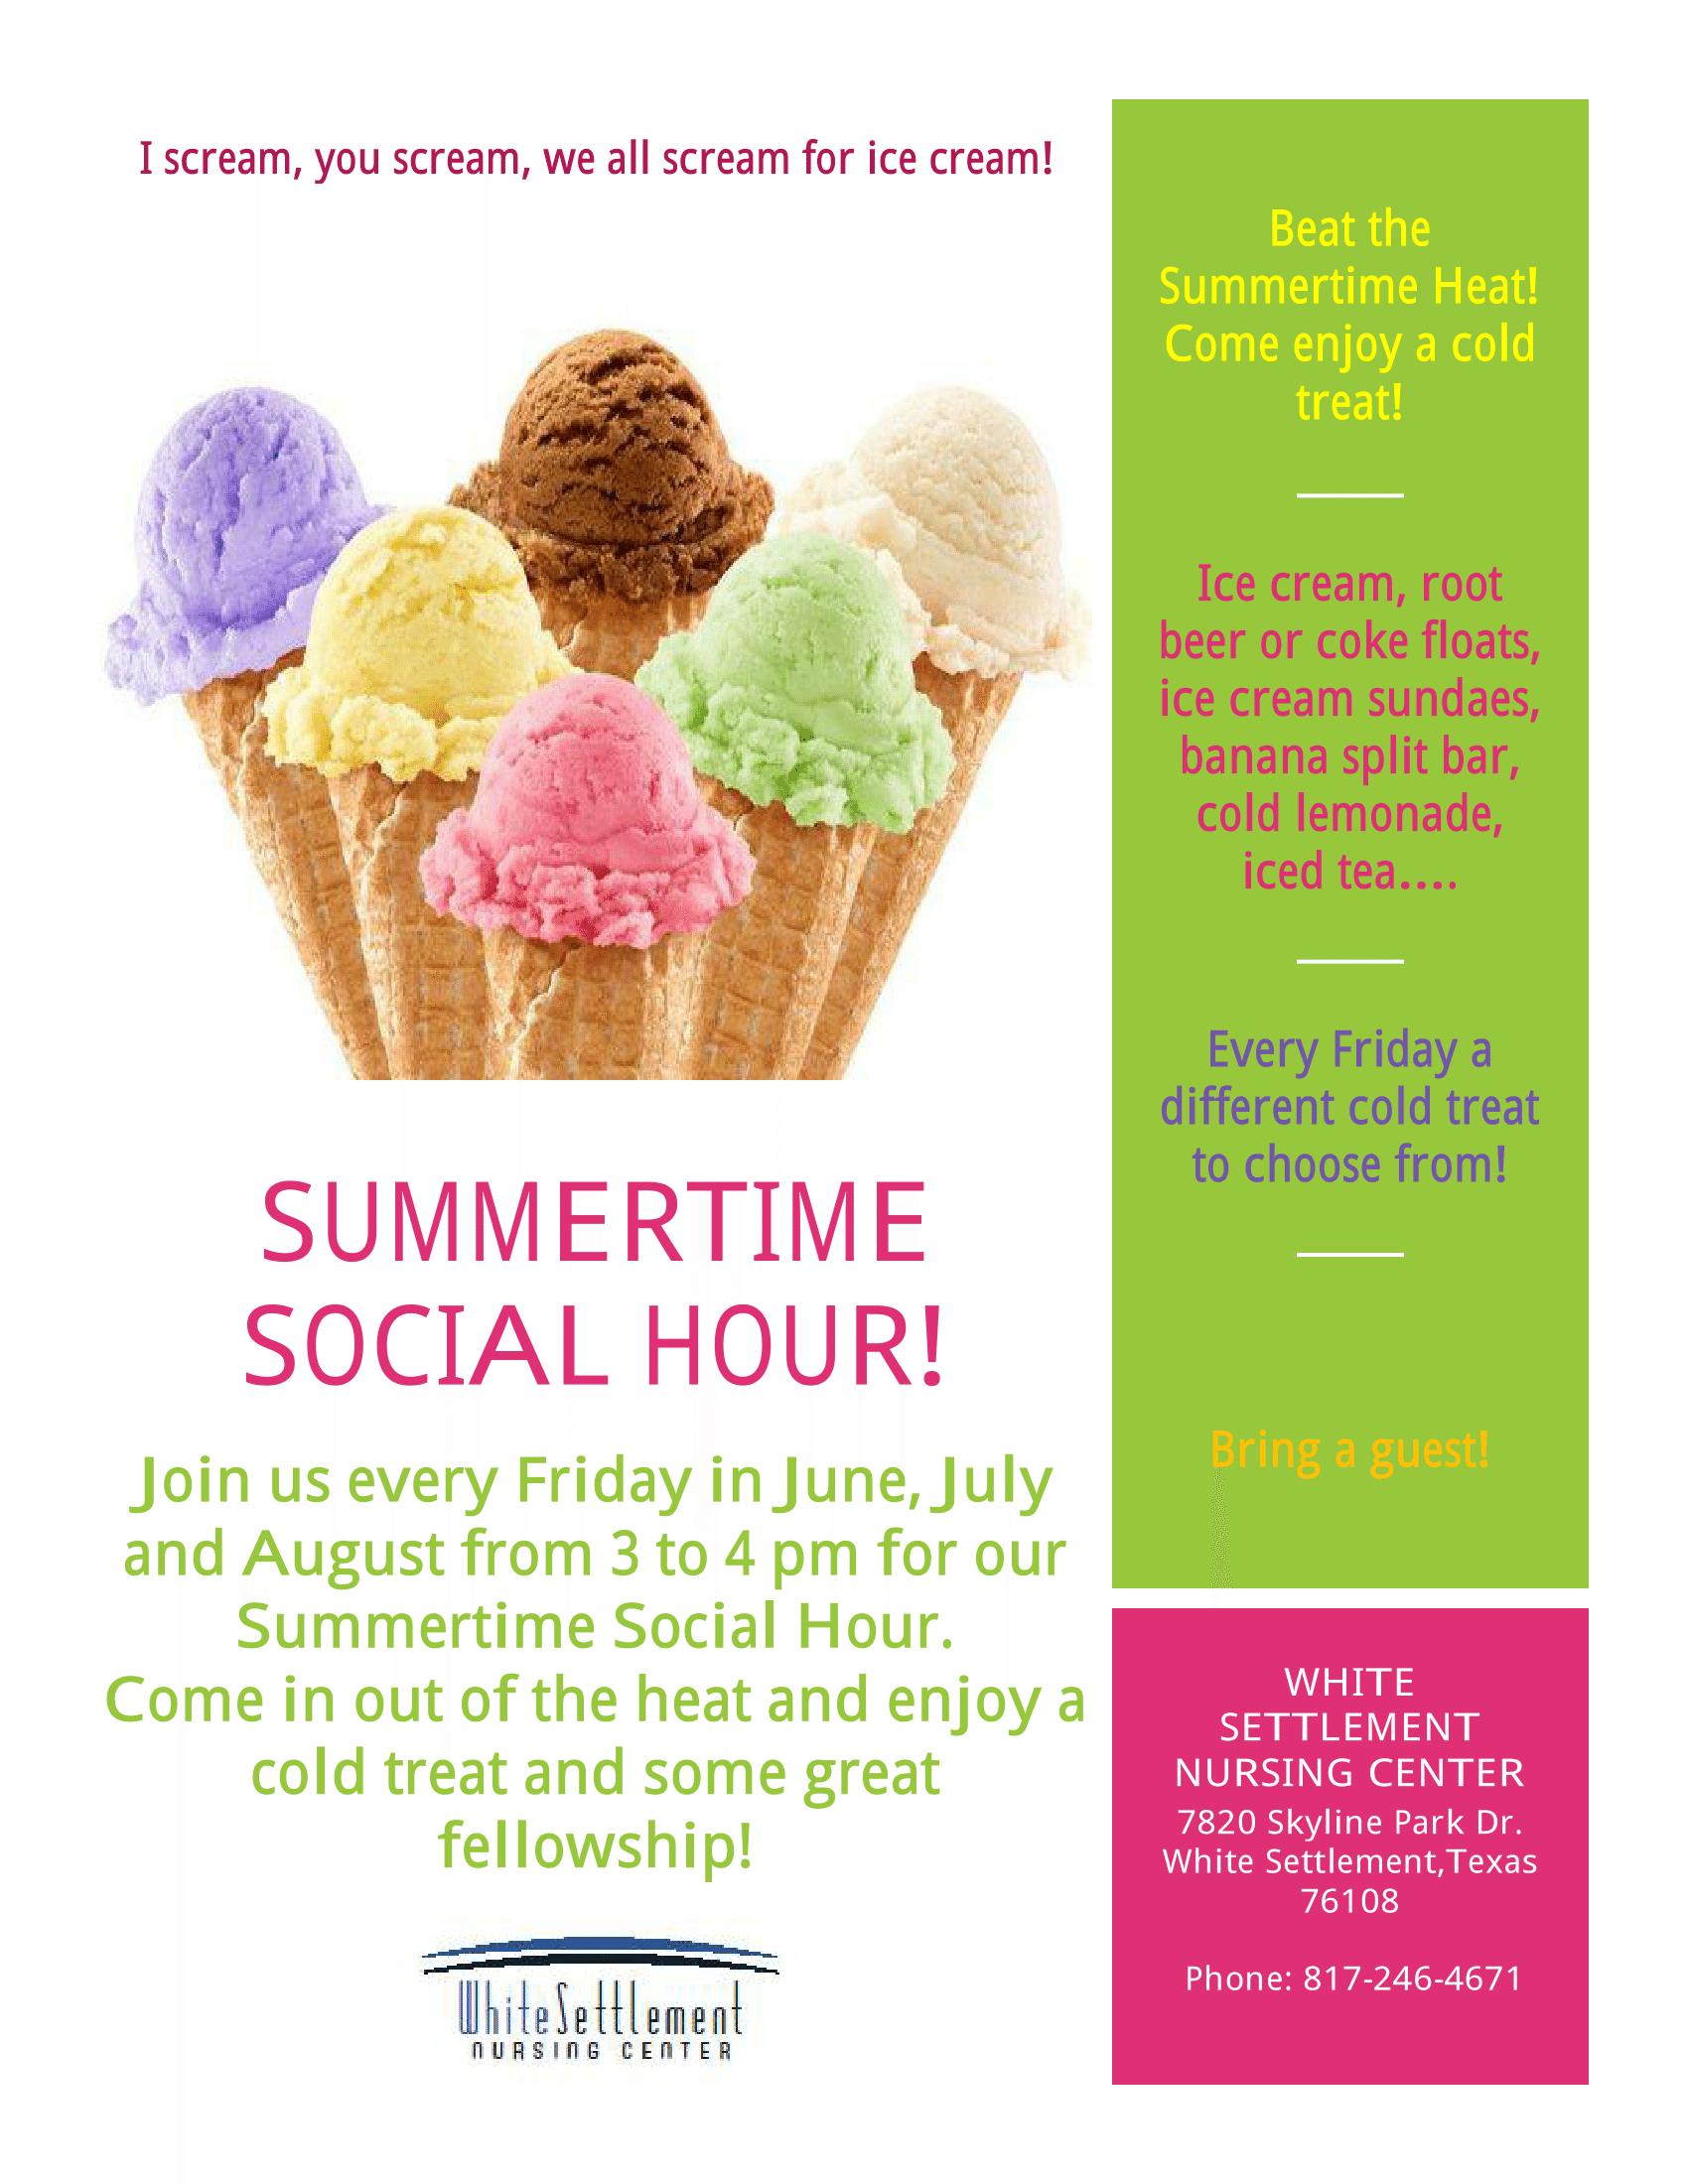 White Settlement Nursing Center Summer Social Hour